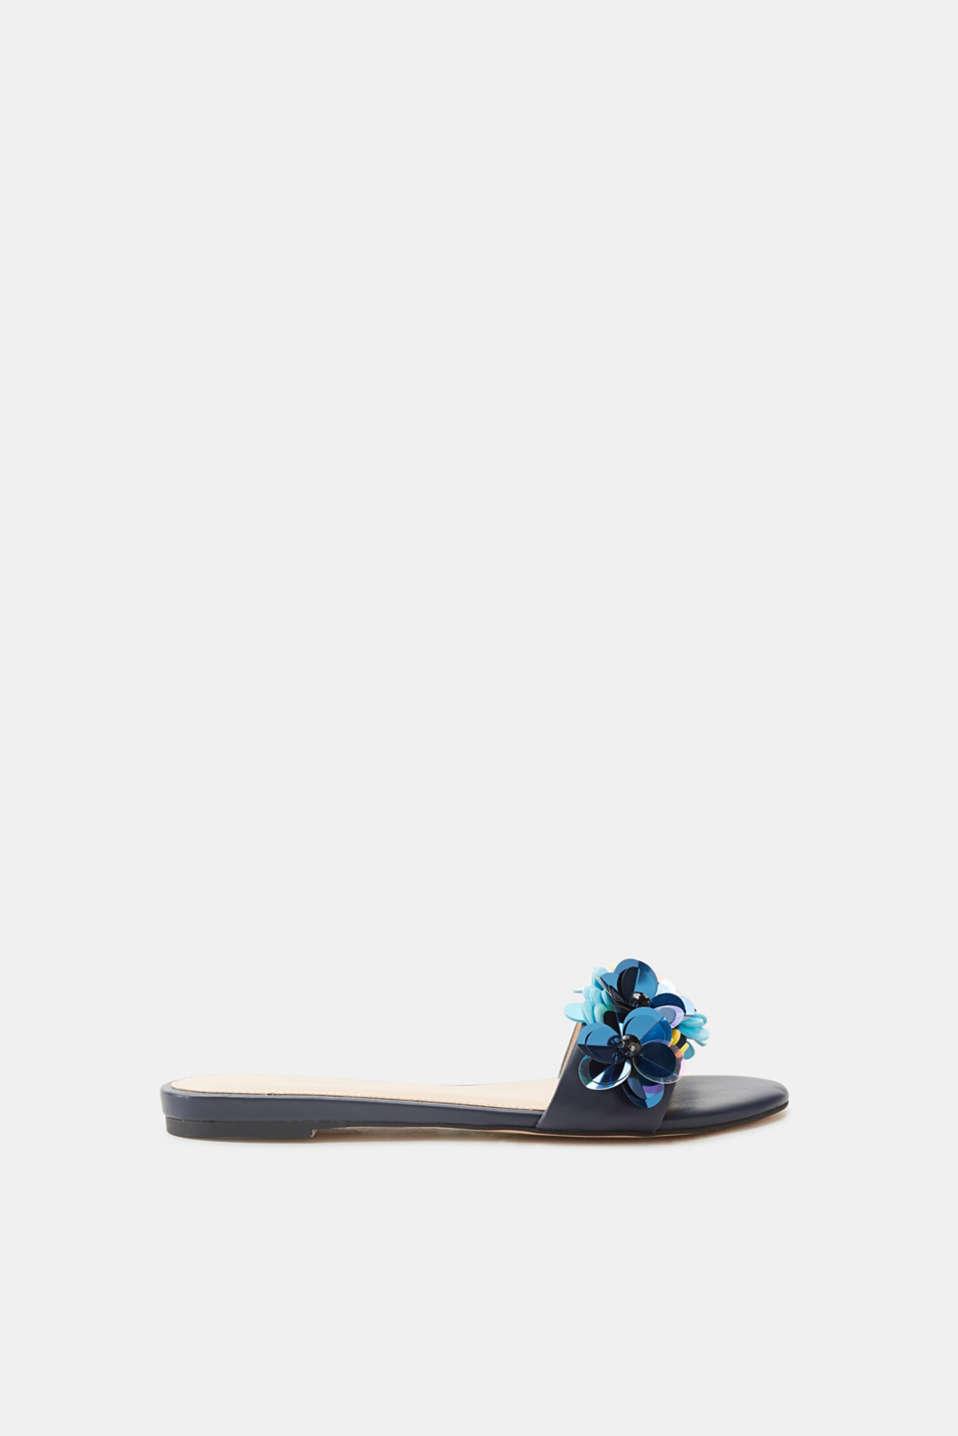 Esprit ESPRIT Sandale mit floral angeordneten Pailletten, blau, BLUE LAVENDER